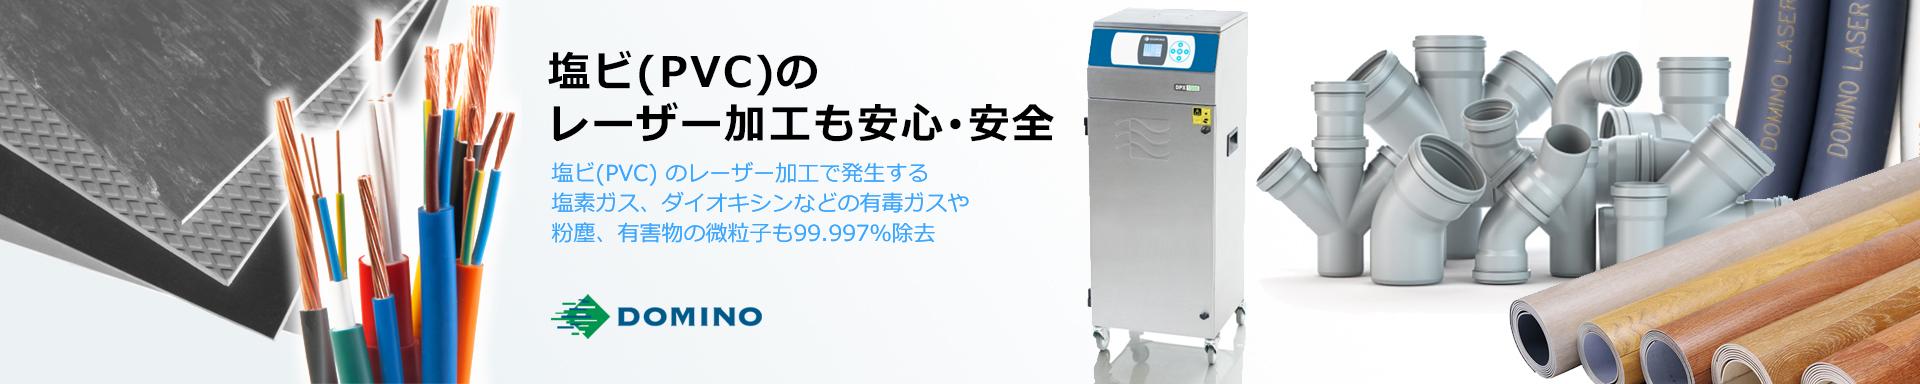 塩ビ(PVC)のマーキングに! レーザーマーカーでのレーザー加工を安心・安全で実現